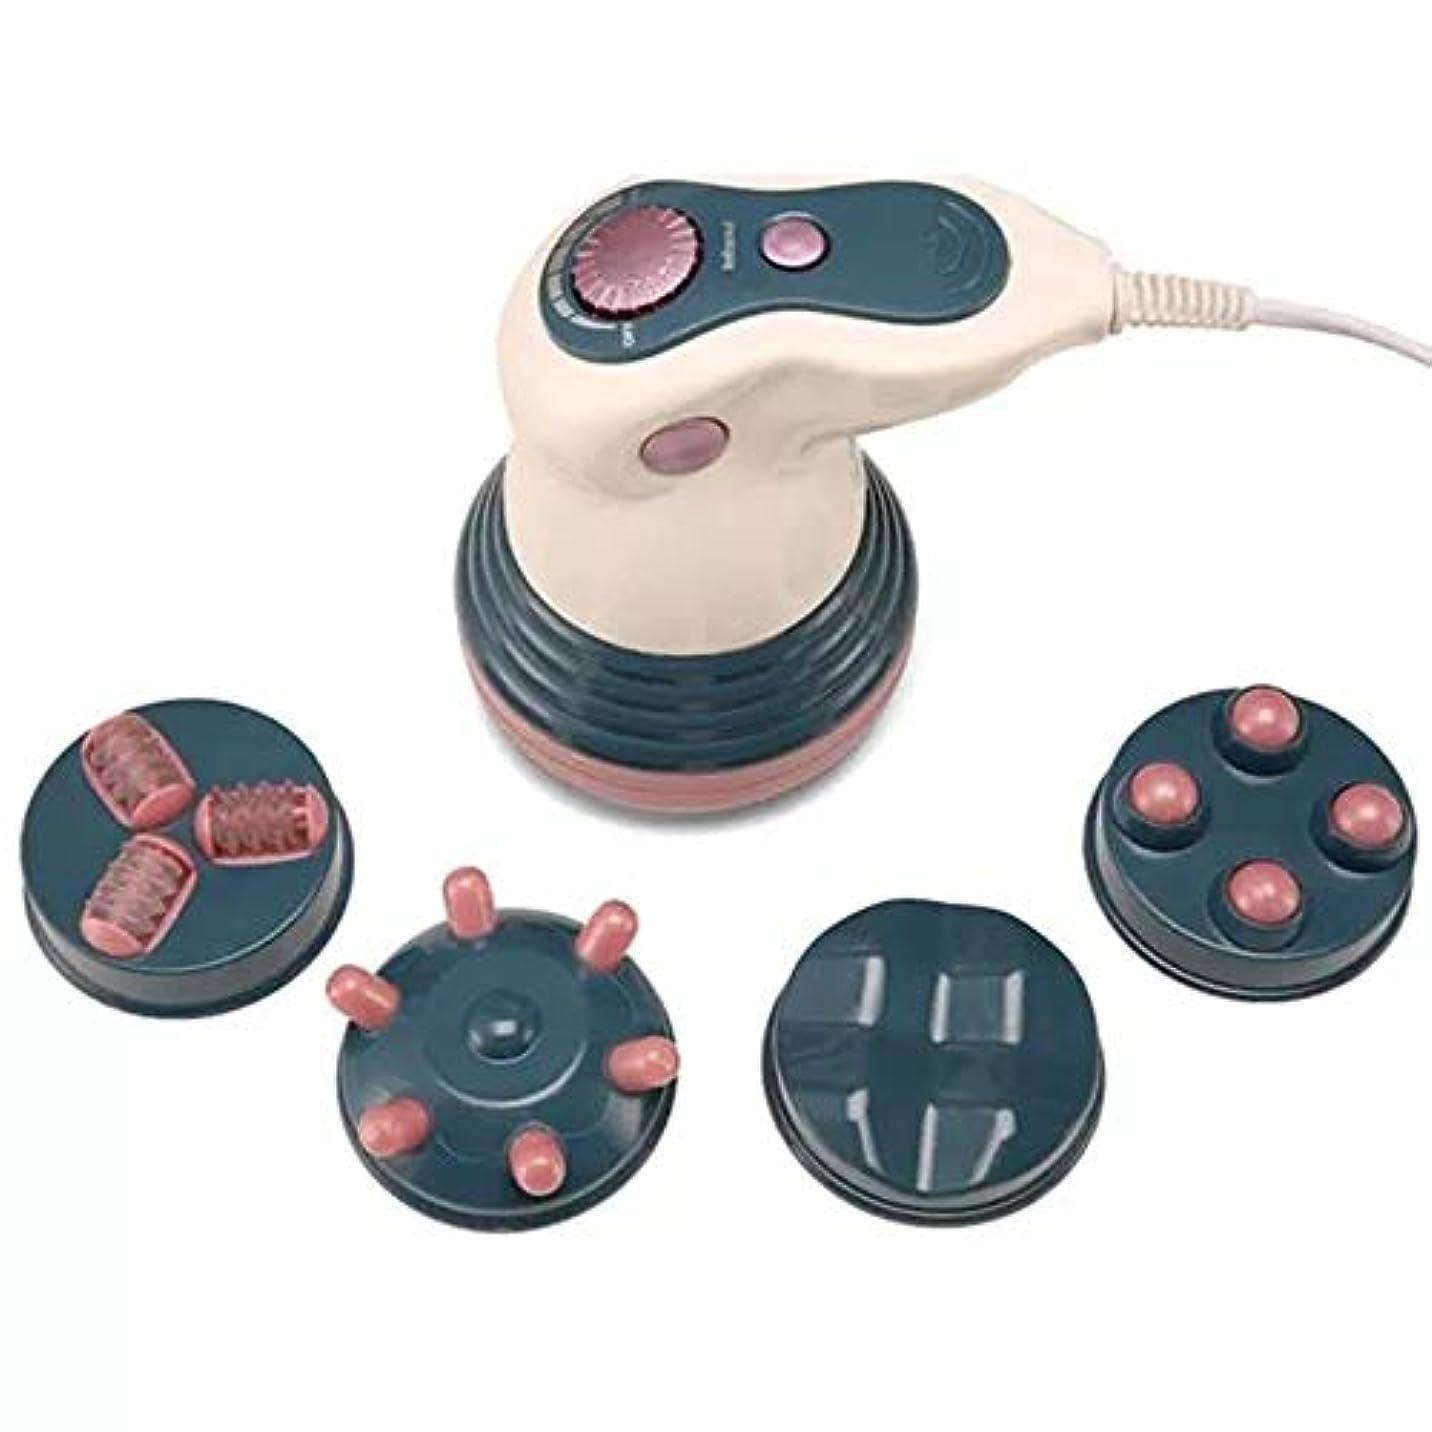 葉っぱ寝具容器機械緩和を細くする1つの電気赤外線全身のマッサージャー用具の減量の反セルライトに付き4つ